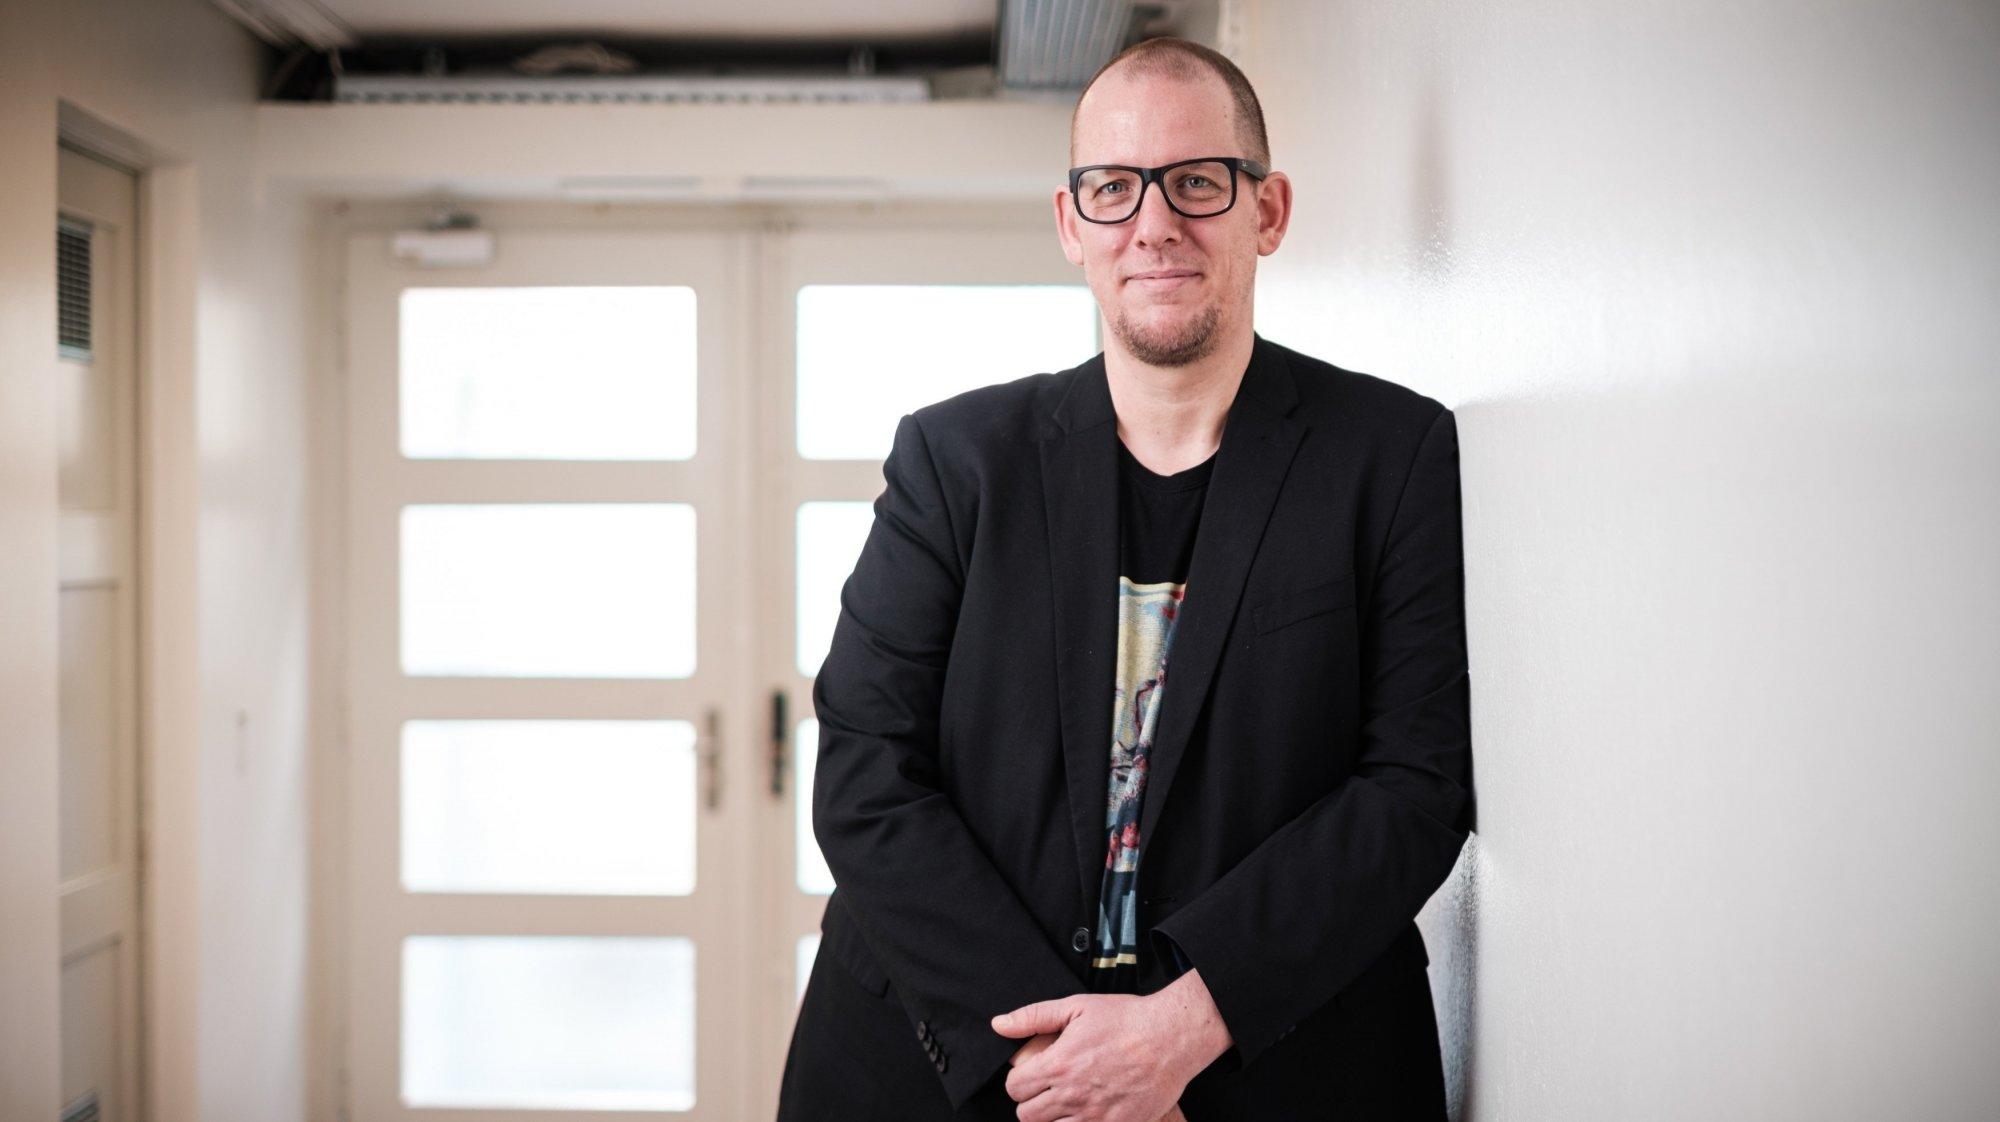 Le réalisateur nyonnais Marc Décosterd présente son quatrième film.